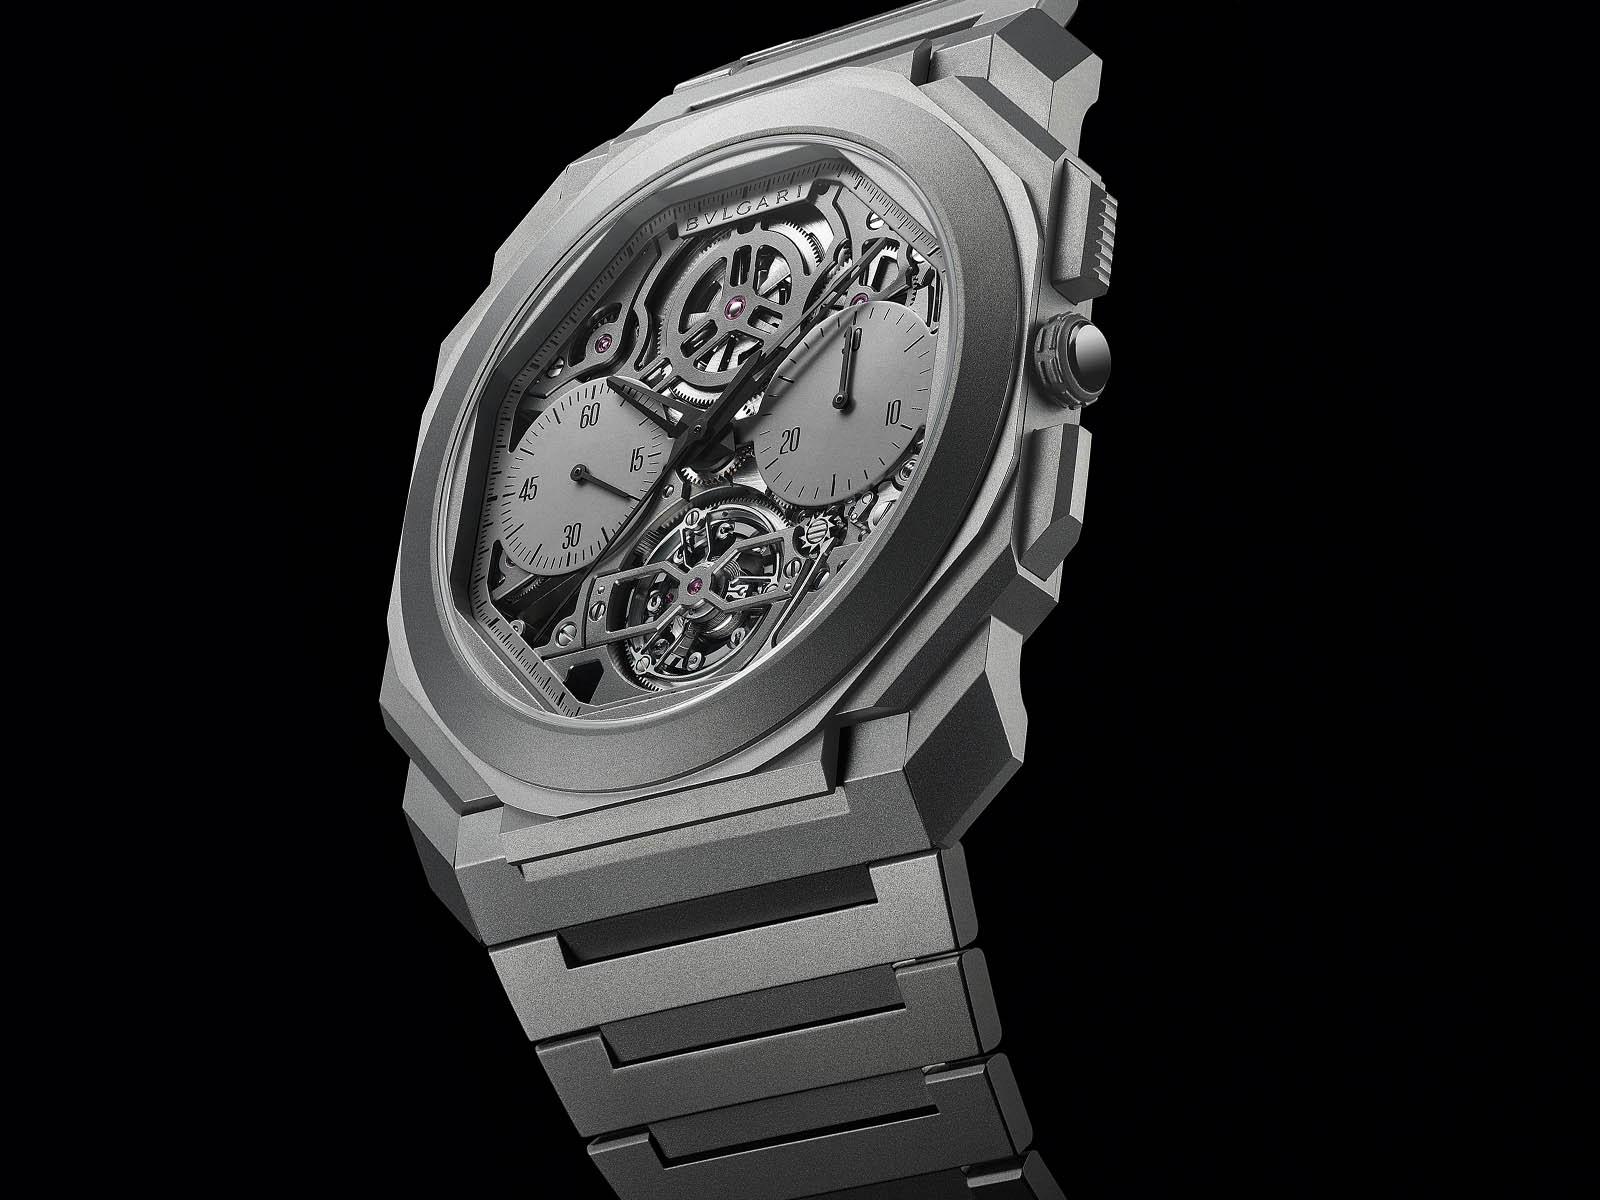 103295-bulgari-octo-finissimo-tourbillon-chronograph-skeleton-automatic-4.jpg